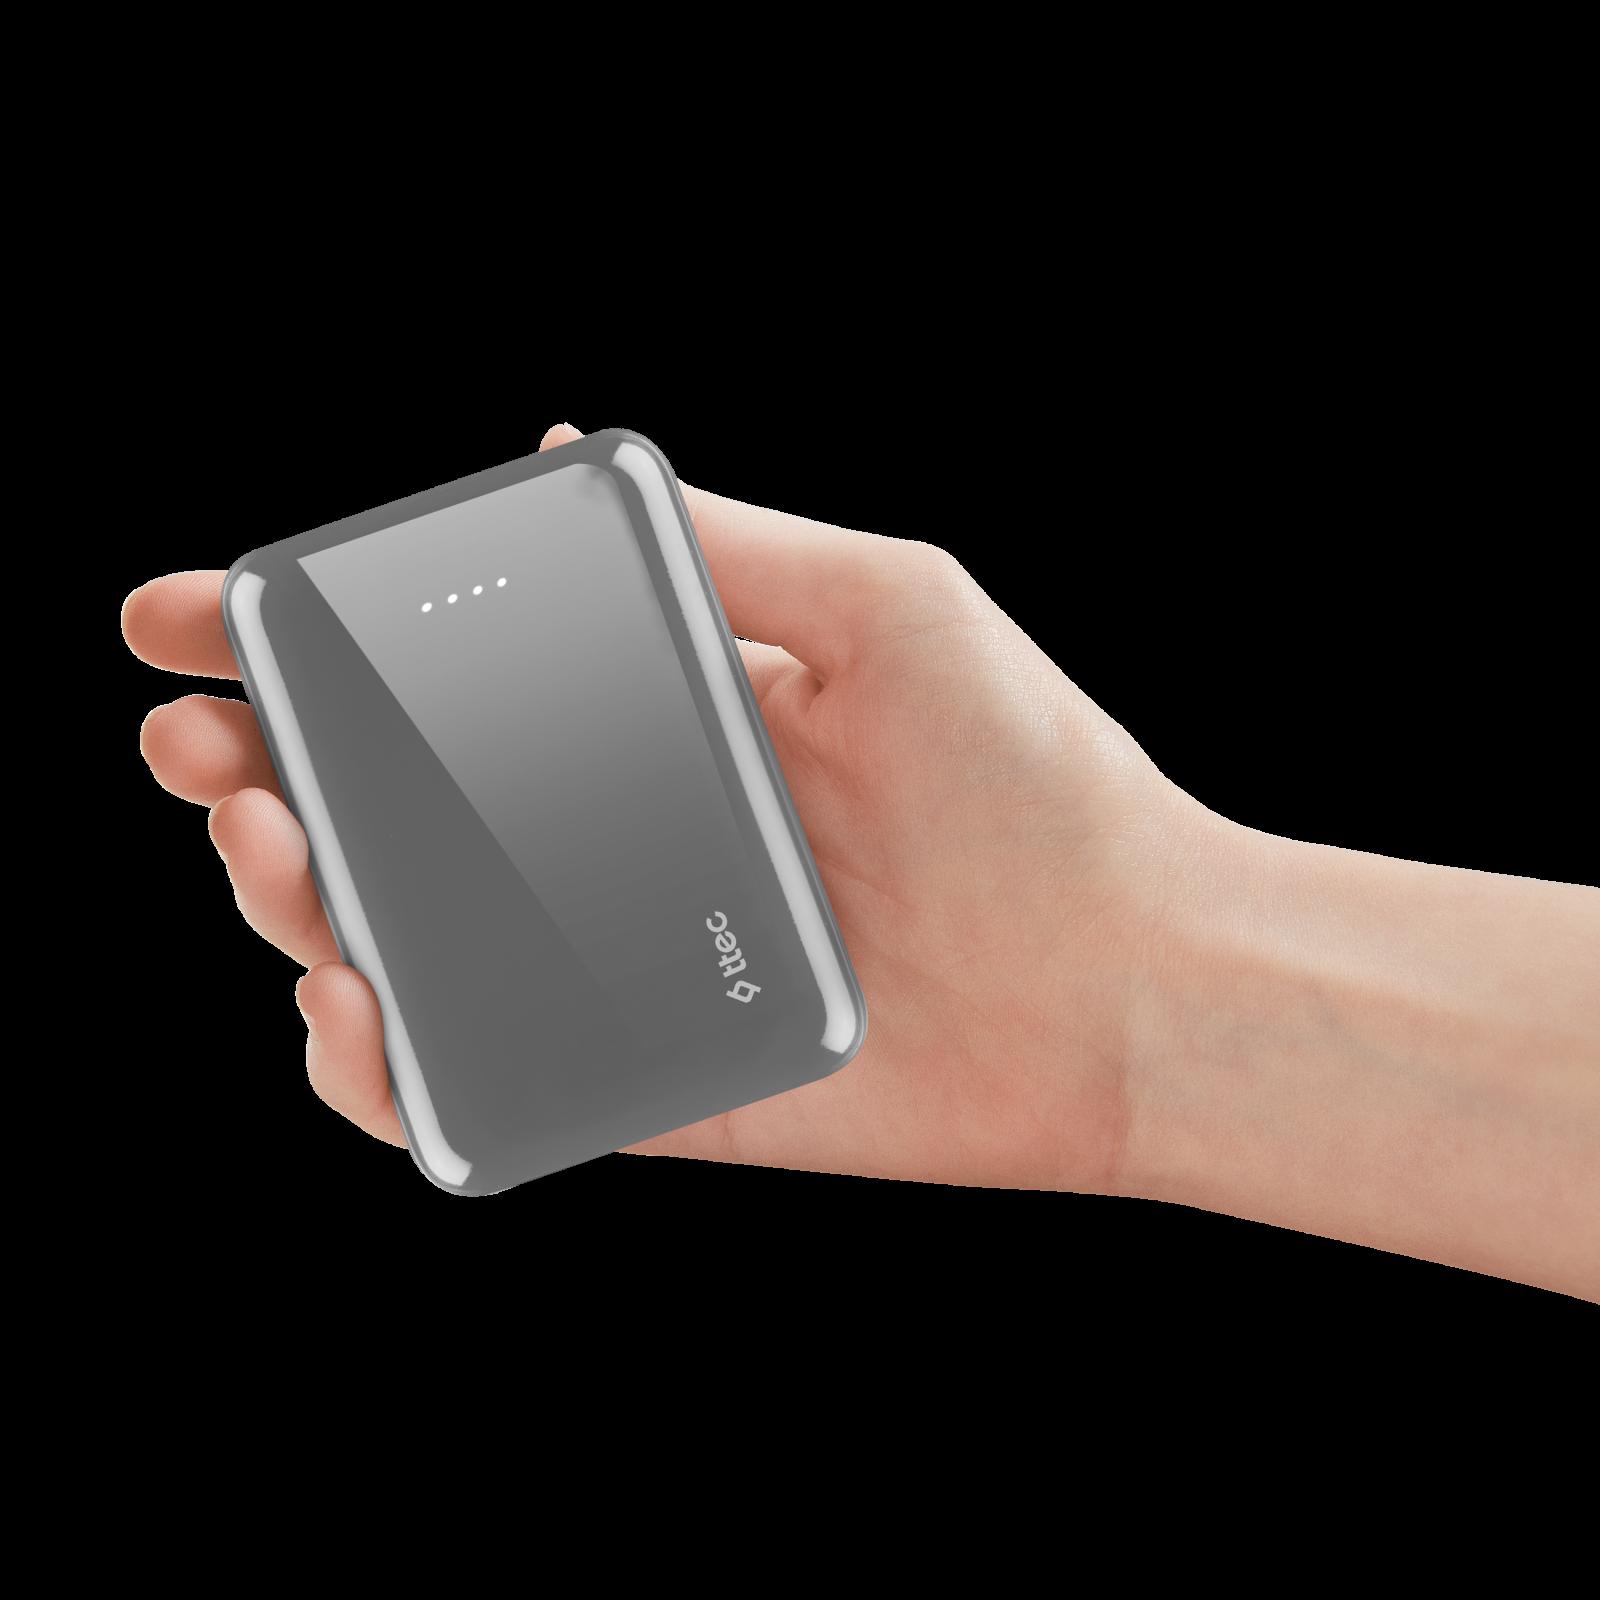 Външна батерия ttec ReCharger 10.000mAh Universal Mobile Charger - Сива